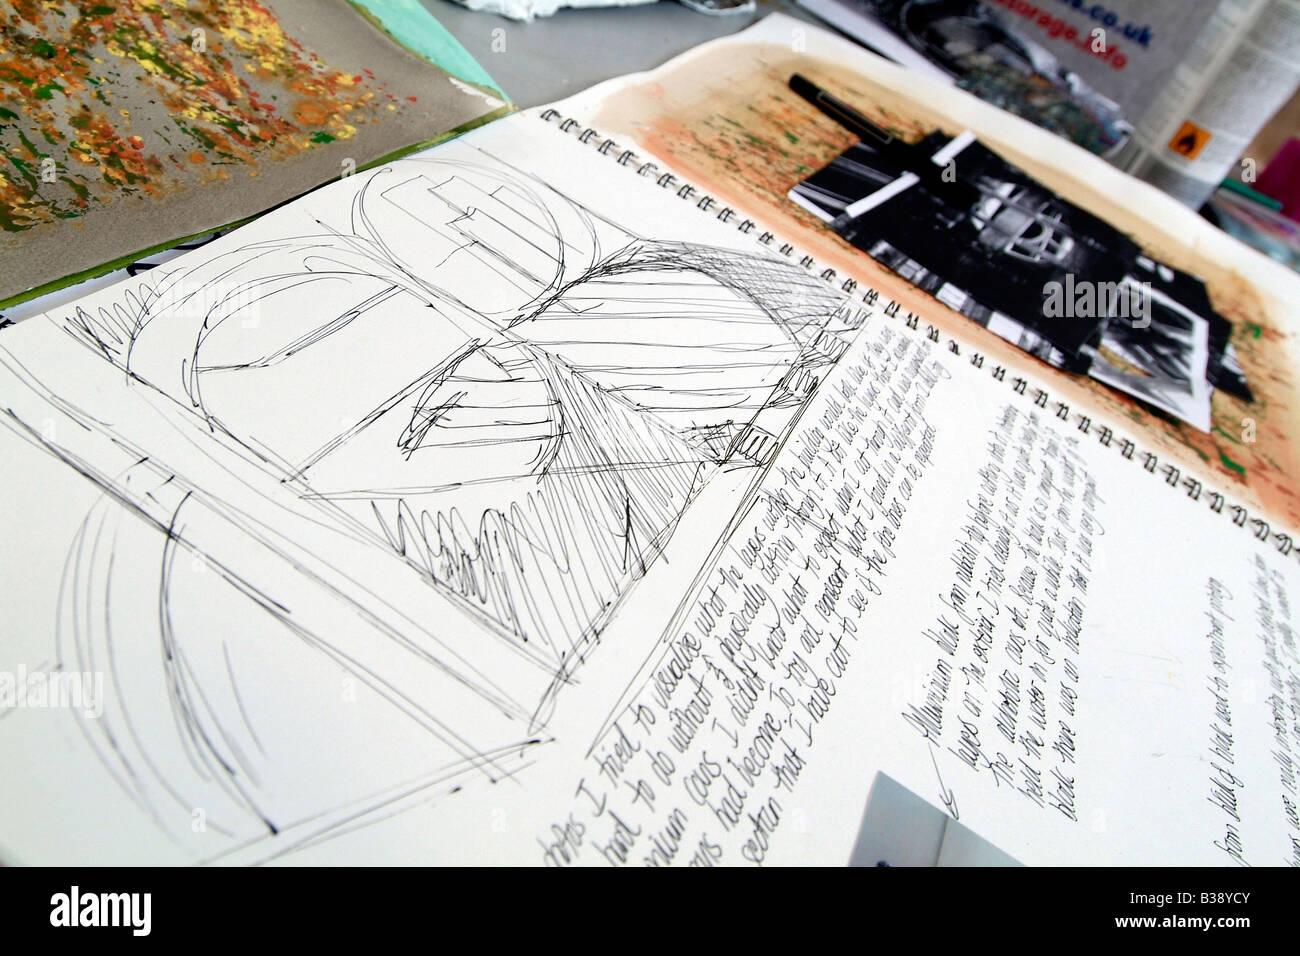 Nahaufnahme der Kunst Schülerheft Skizze mit Bleistift Abbildung des Gebäudes Stockbild